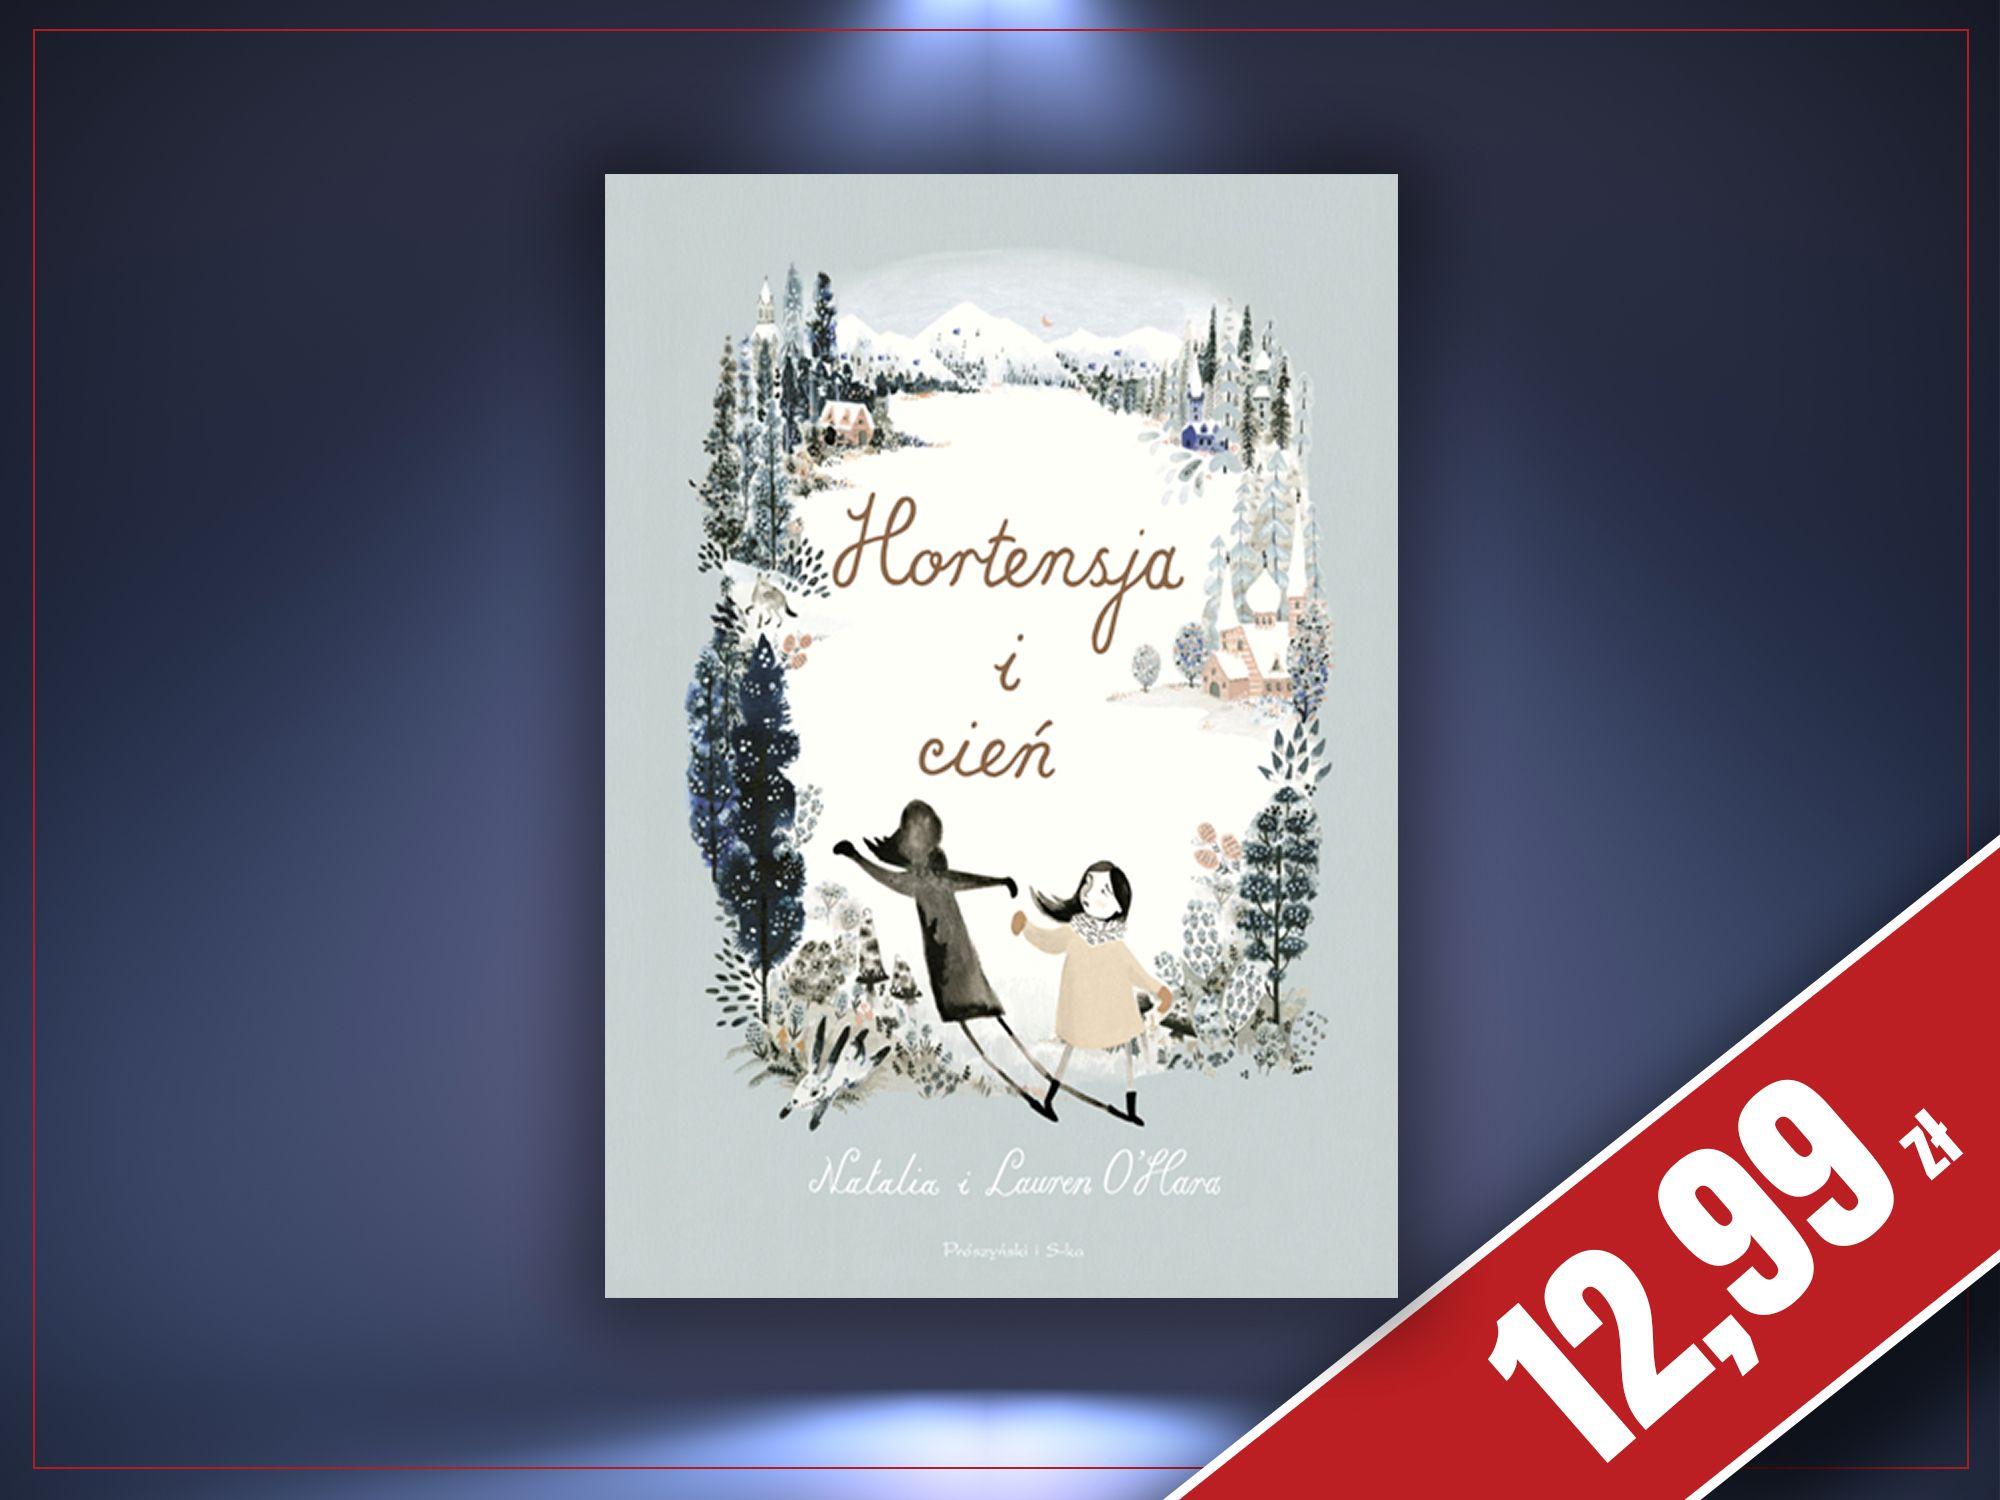 Hortensja i cień, Natalia O'Hara, zaczytanyksiazkoholik.pl